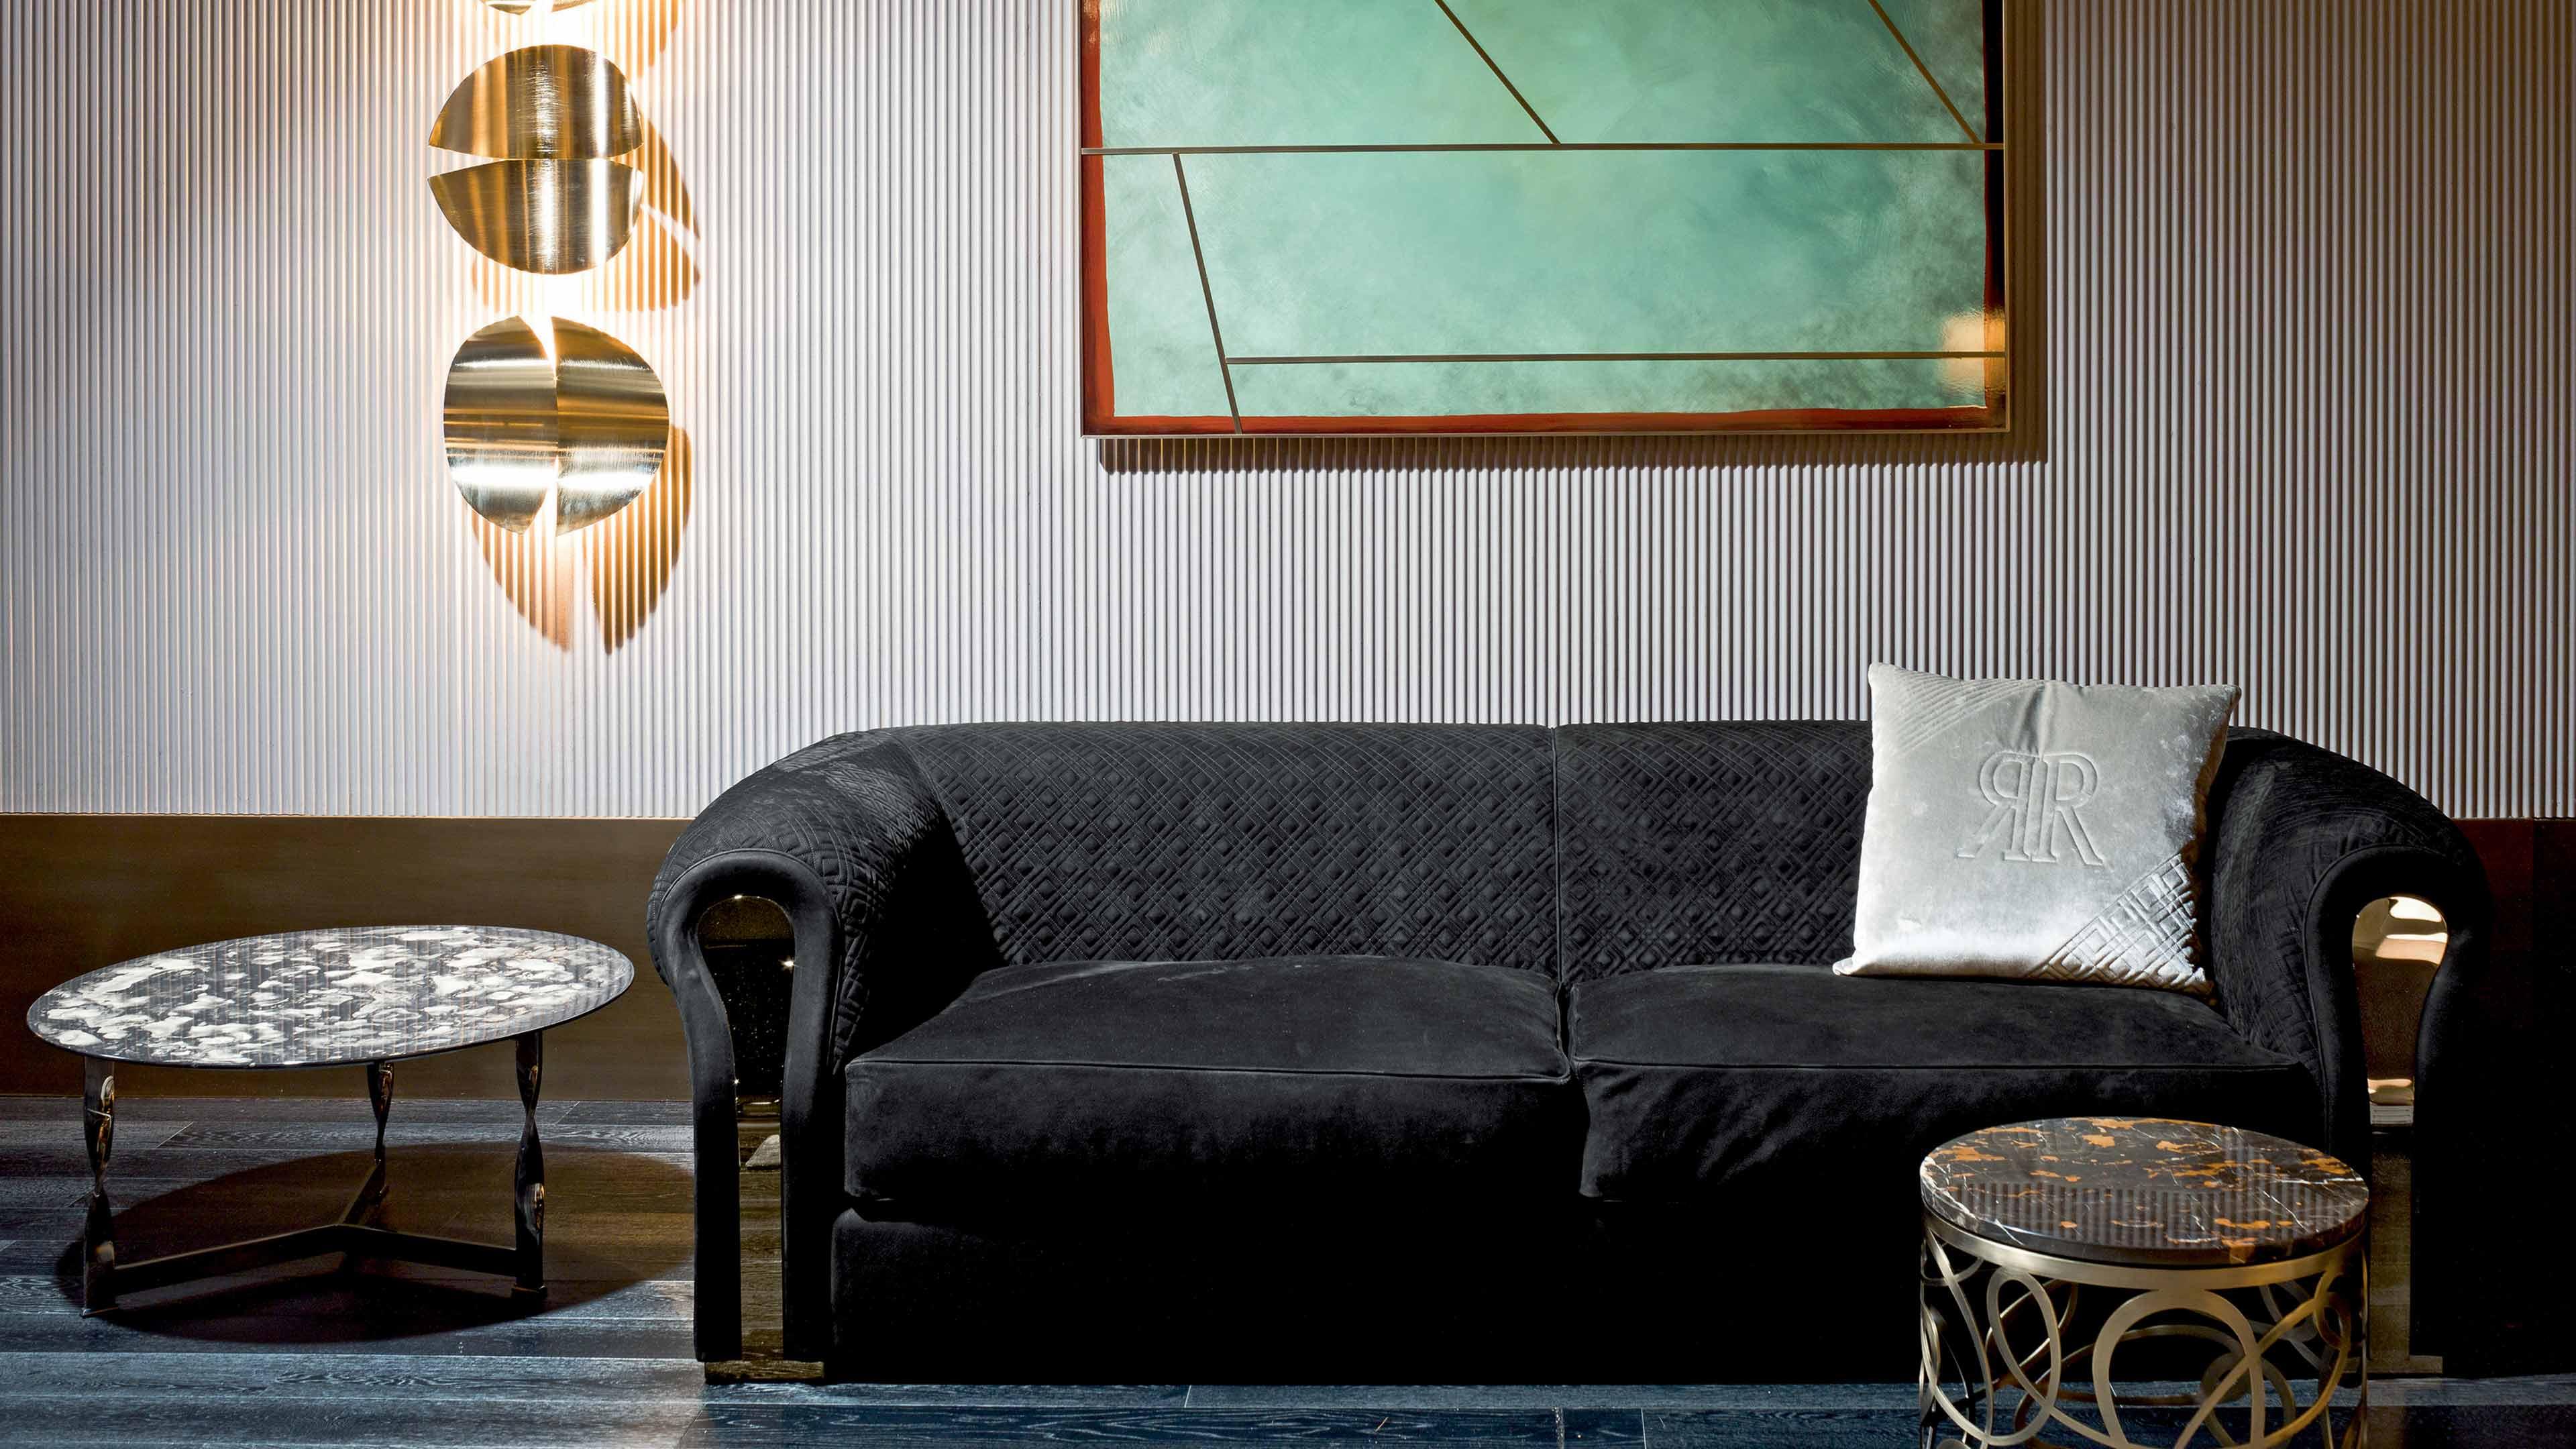 意大利RUGIANO 异形弧形沙发 弯曲线不锈钢 电镀铜色皮革真皮布艺多人沙发定制